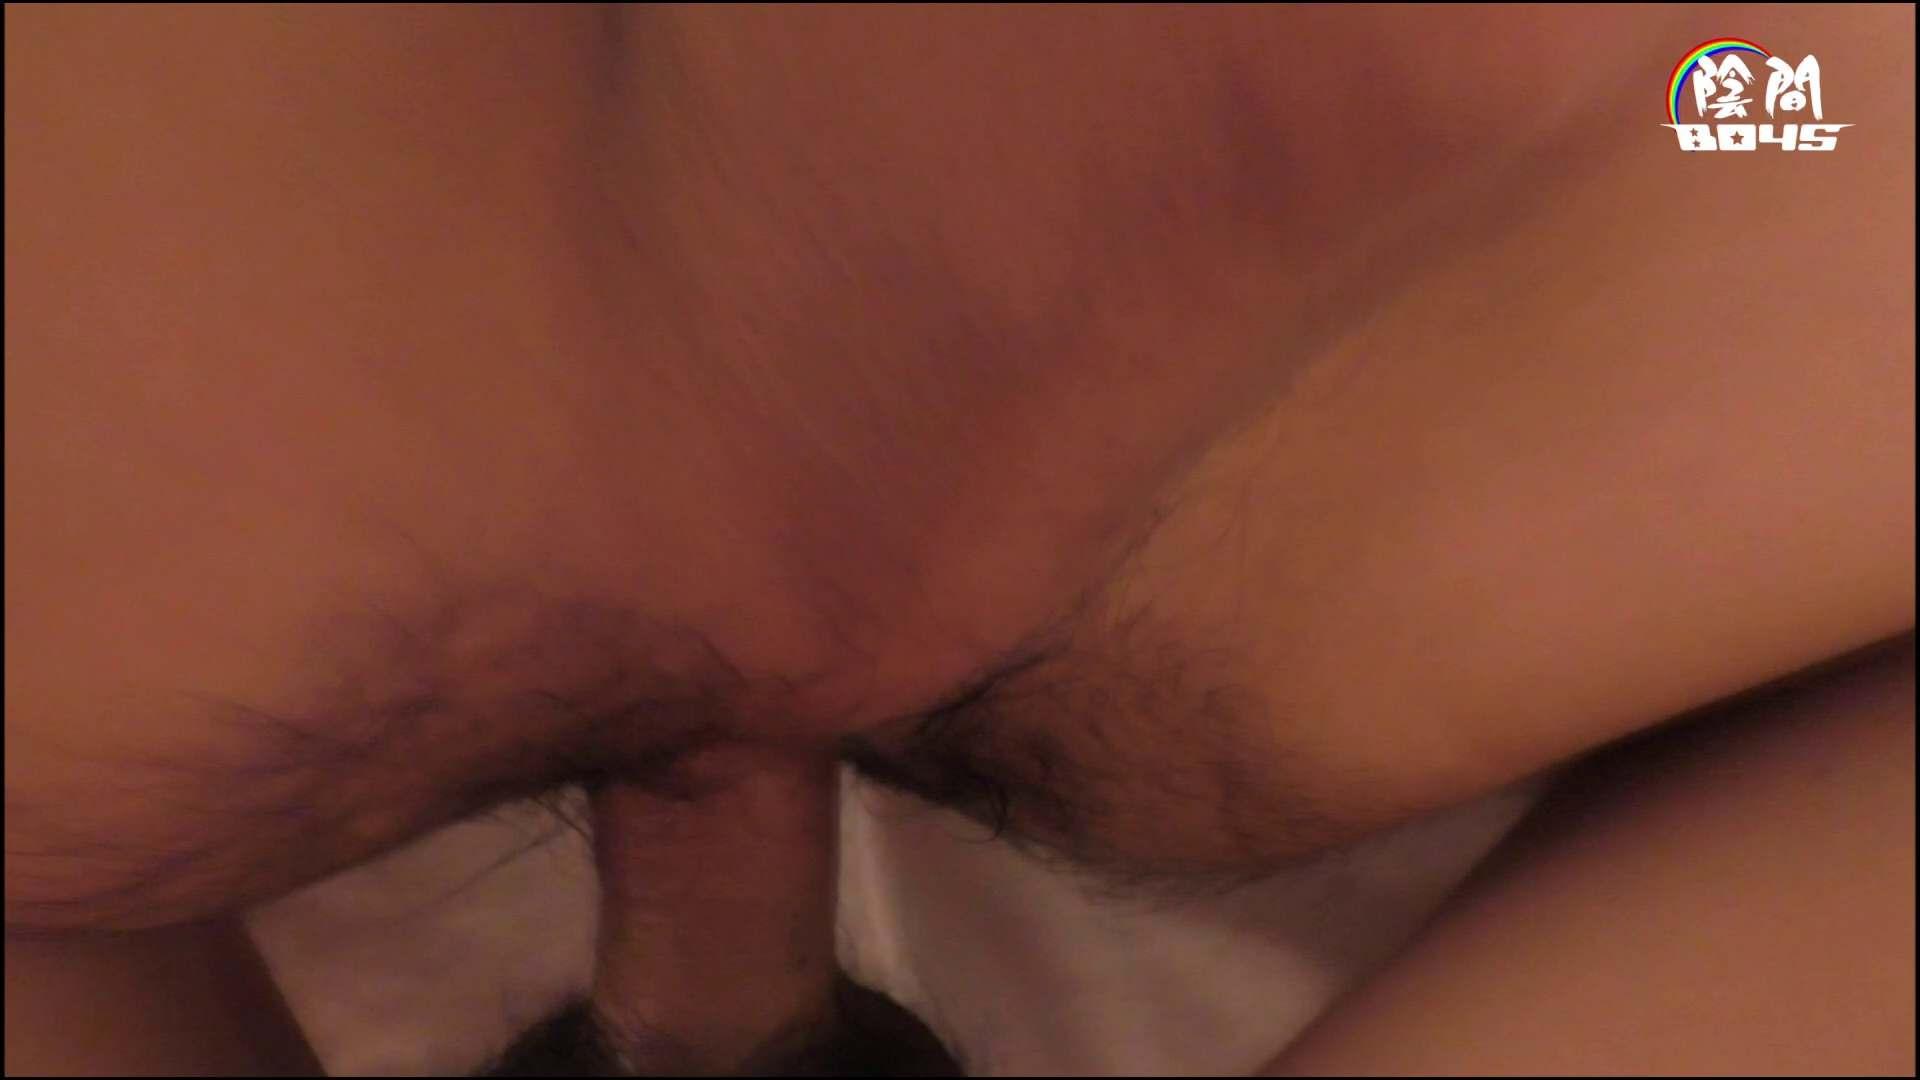 「君のアナルは」part2 ~ノンケの素顔~ Vol.07 ノンケまつり ゲイヌード画像 91枚 54